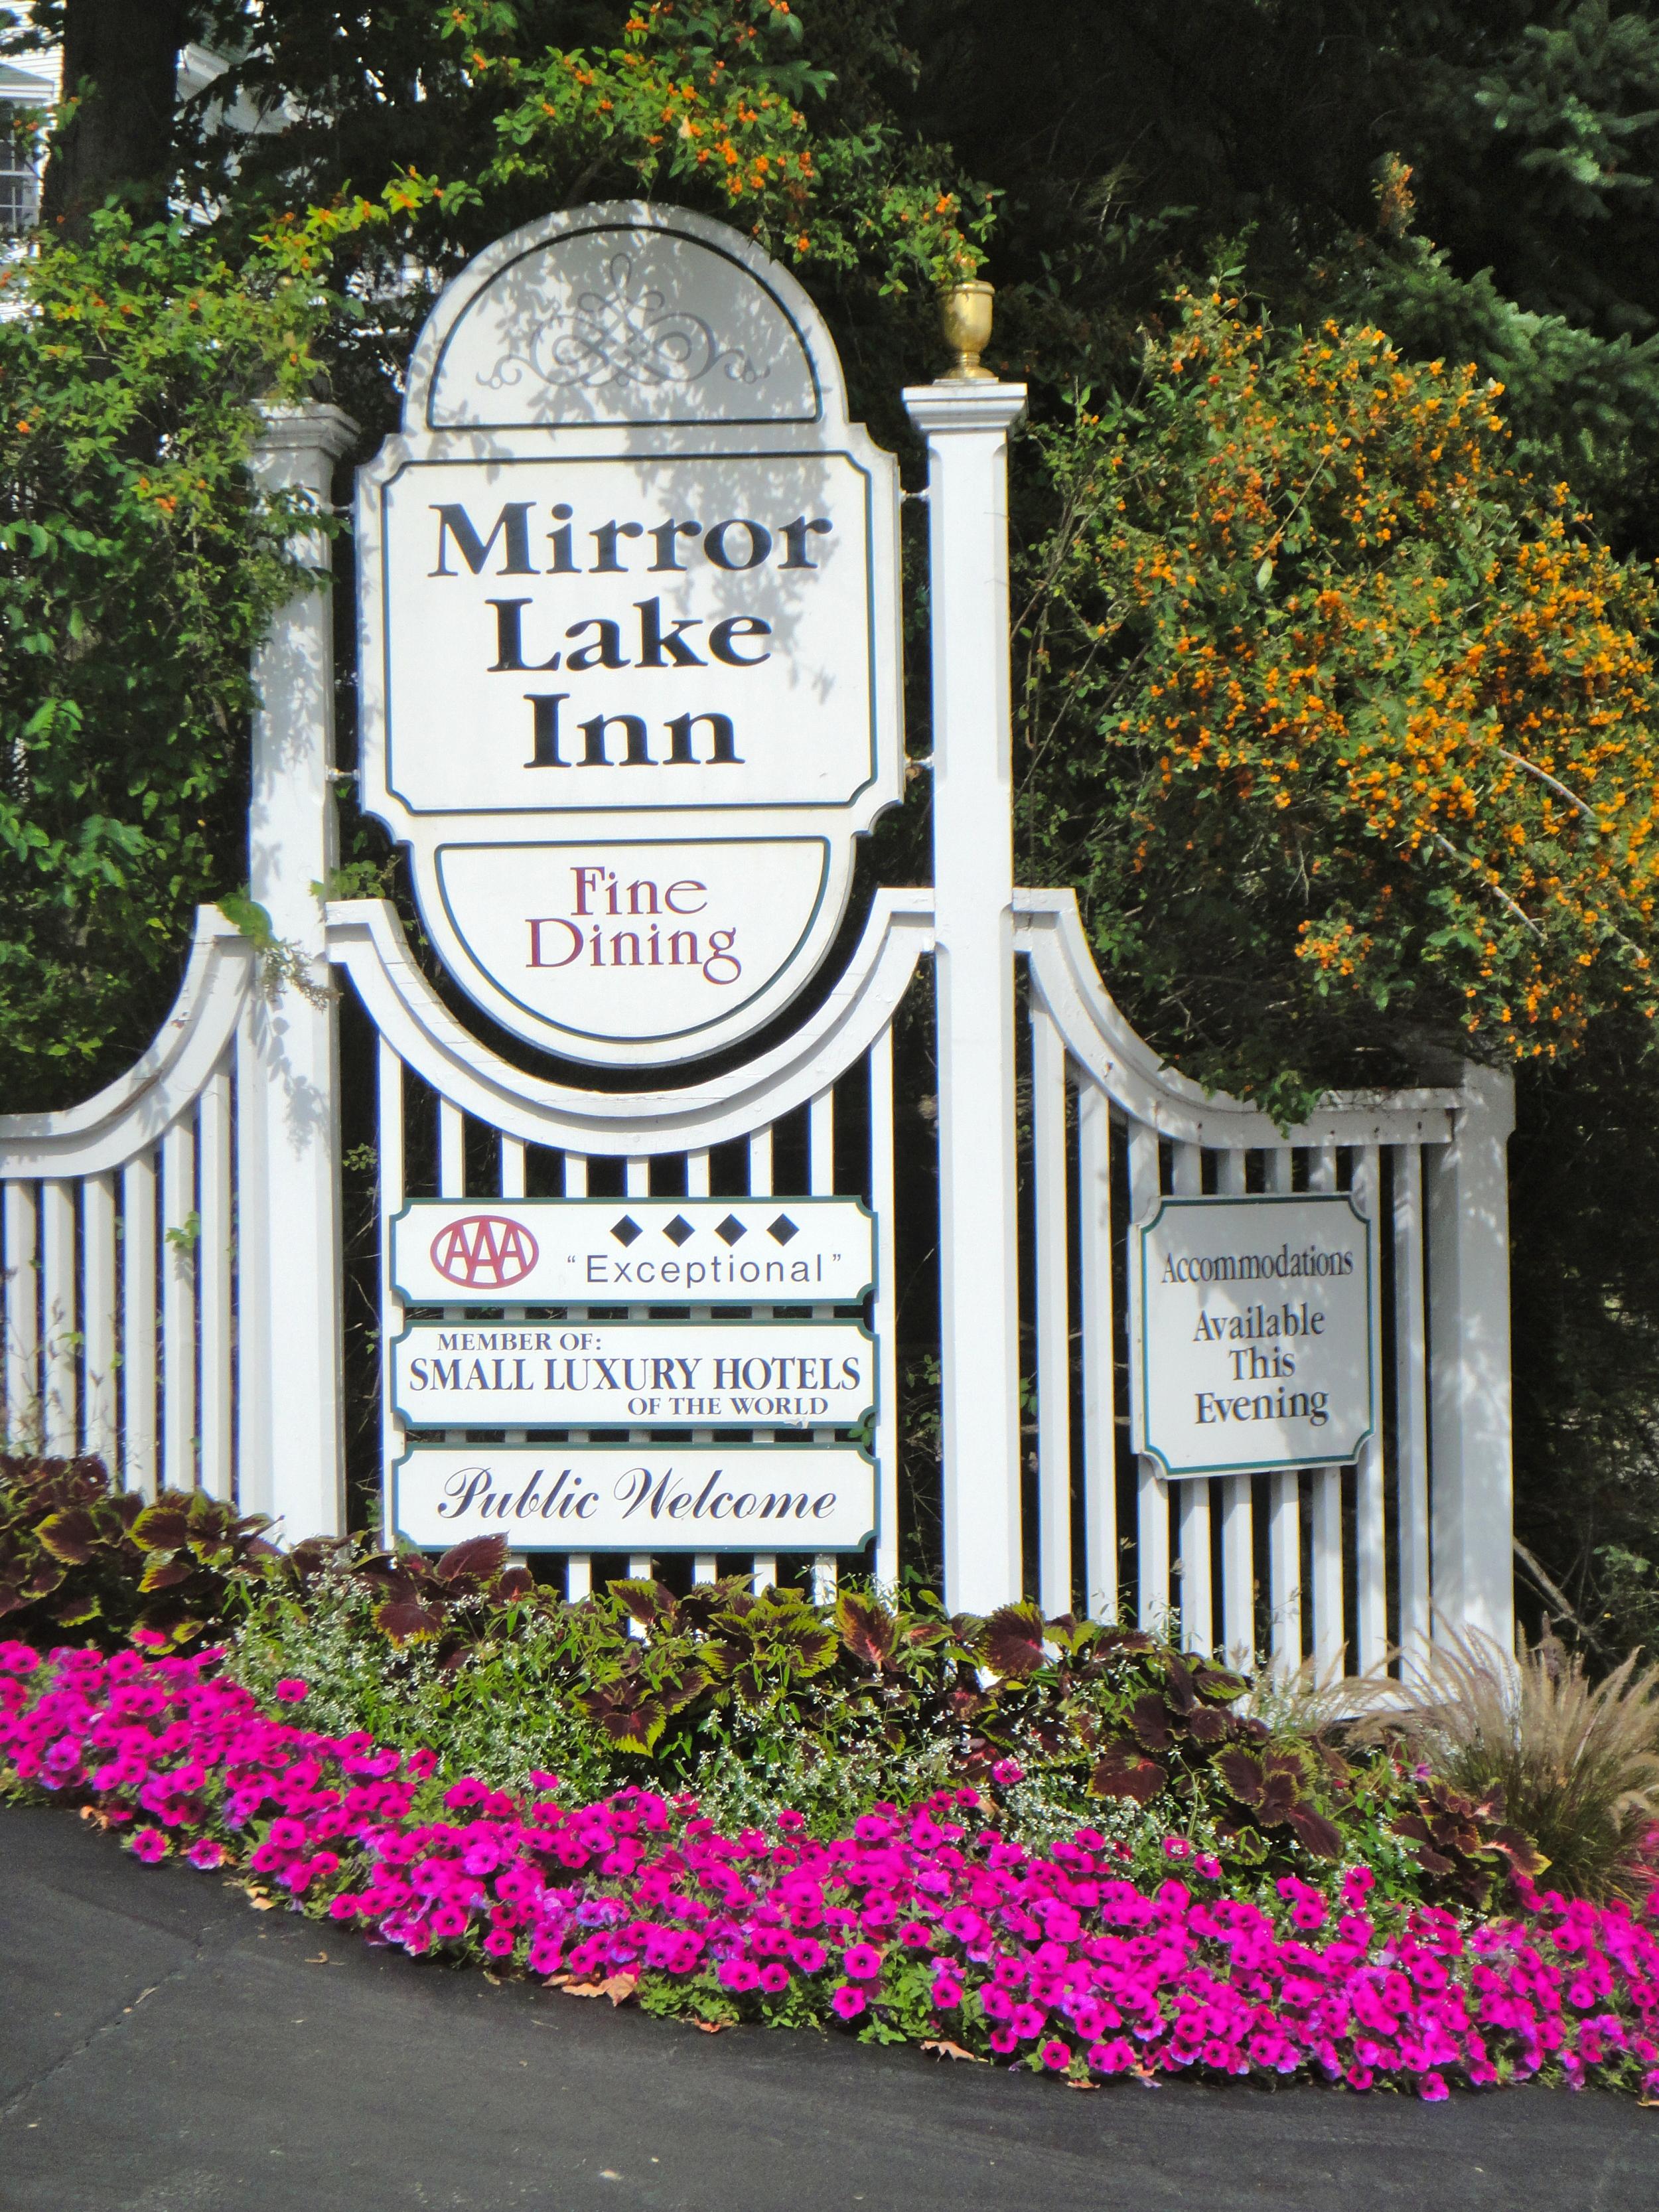 Mirror Lake inn signage